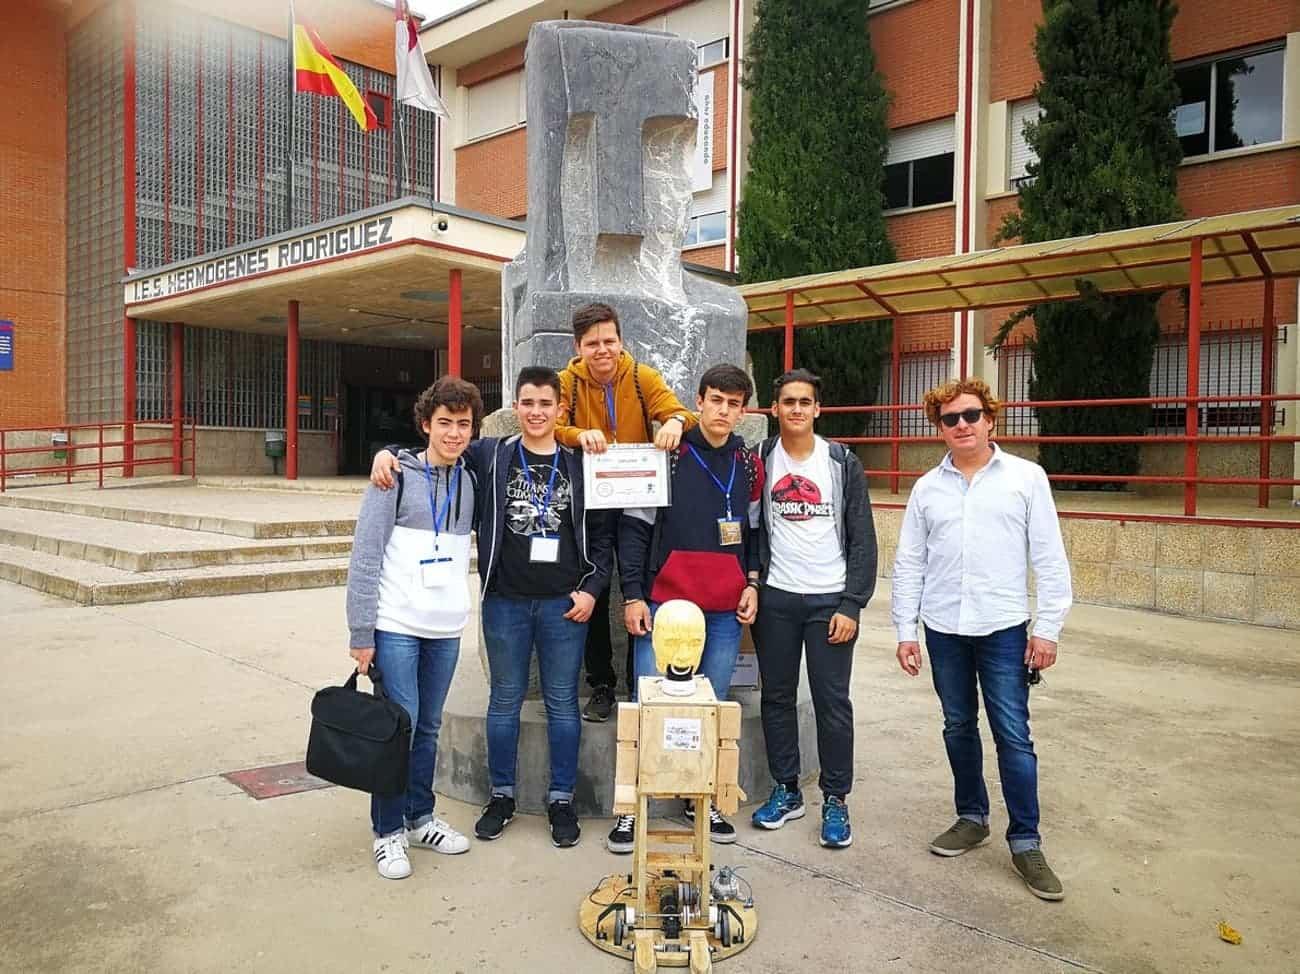 Nuevos triunfos del equipo de robótica del IES Hermógenes Rodríguez 20